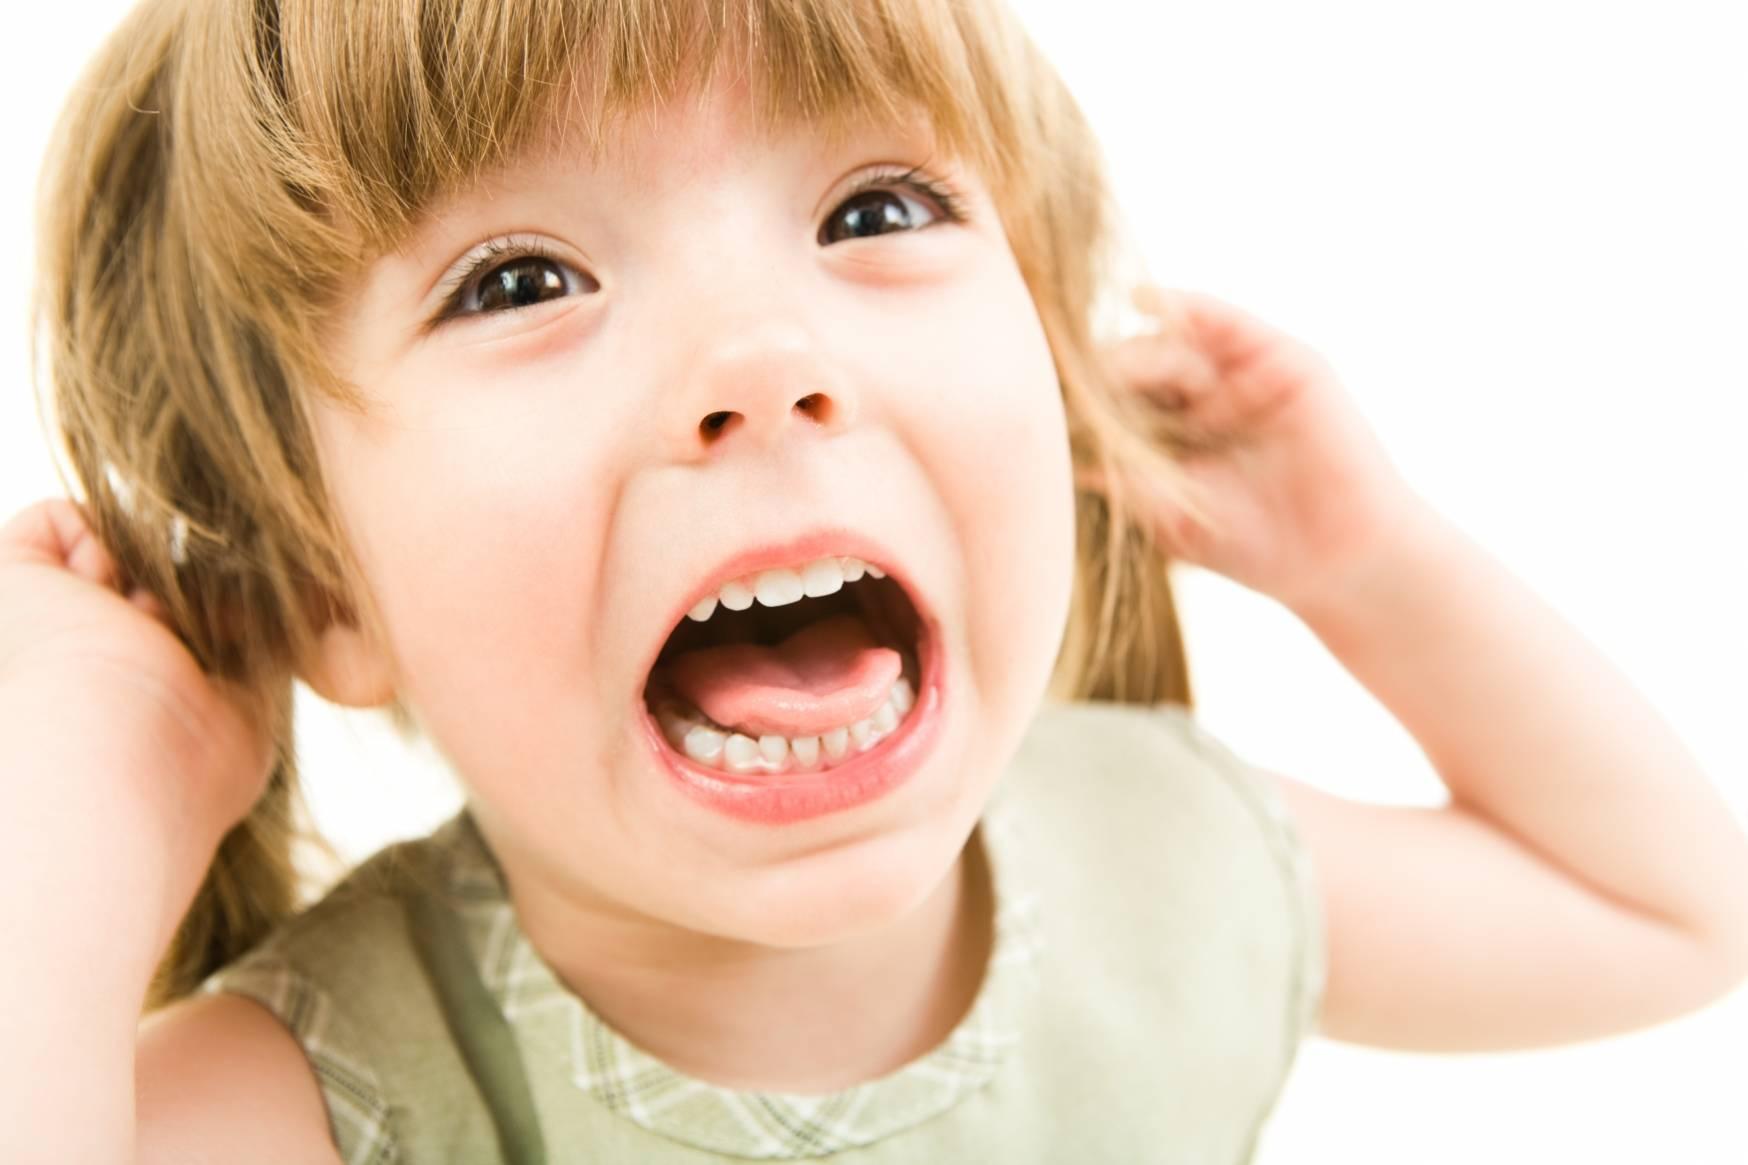 Ребенок постоянно кривляется и дурачится: что делать? | мамины шпаргалочки